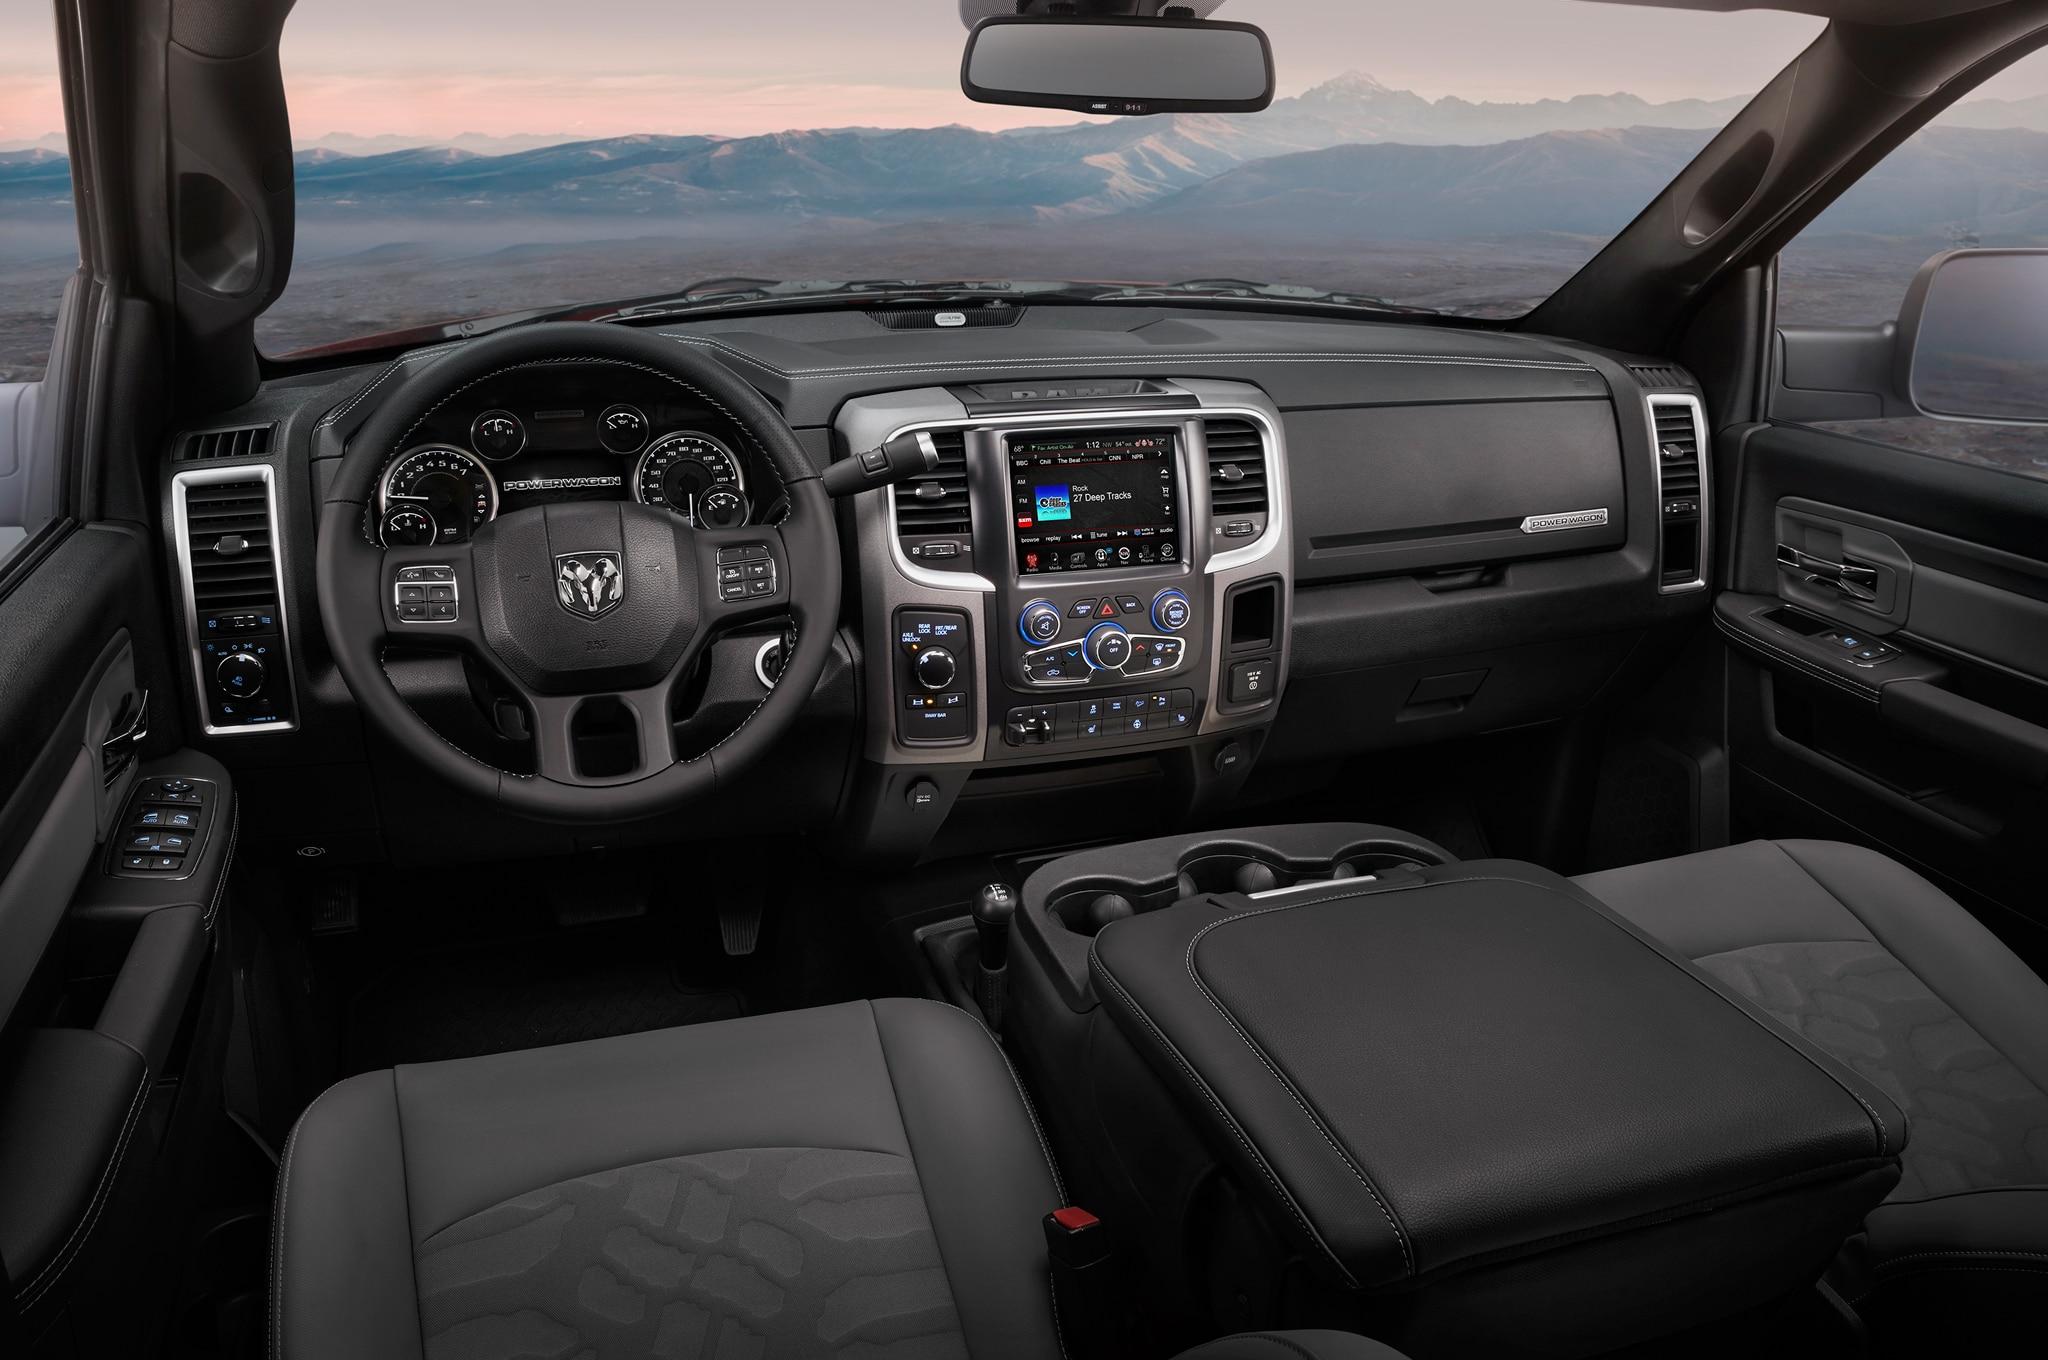 2018 Honda Accord Interior >> 6 cosas cool de la Ram Power Wagon 2017 - Motor Trend en ...